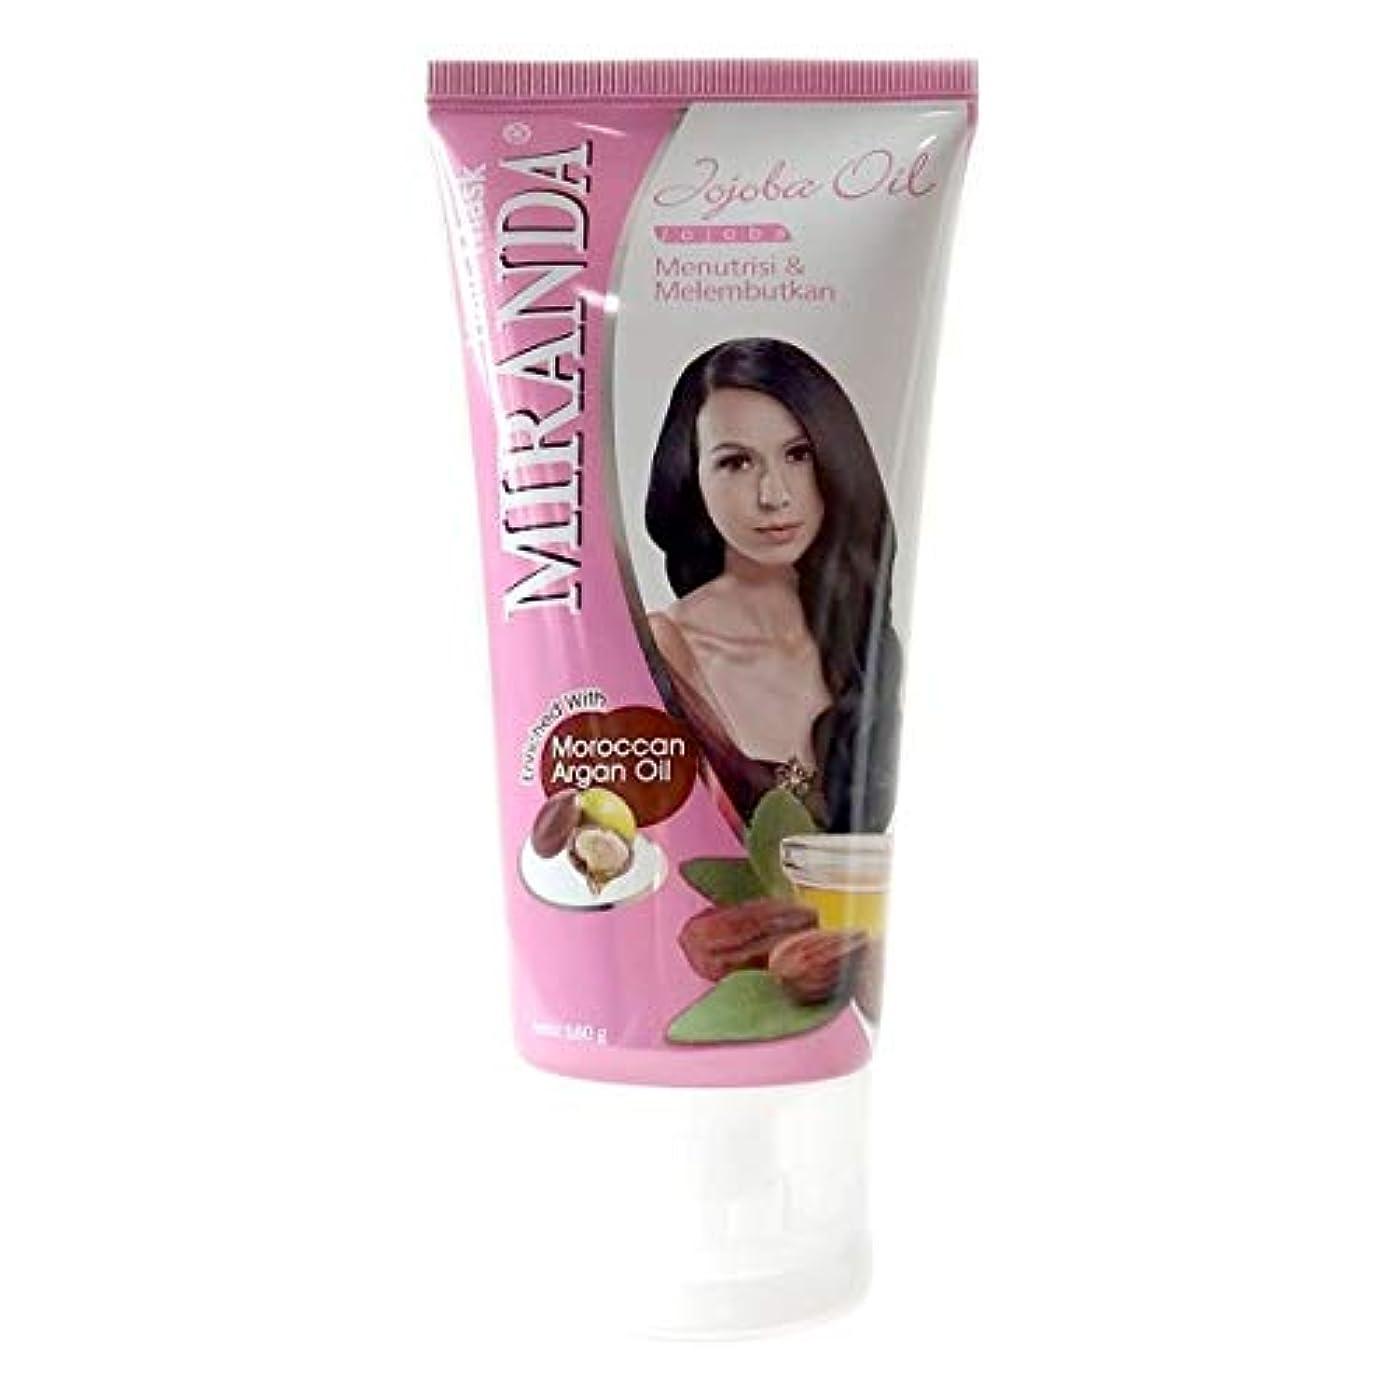 コンセンサス眩惑するミリメートルMIRANDA ミランダ Hair Mask ヘアマスク モロッカンアルガンオイル主成分のヘアトリートメント 160g Jojoba oil ホホバオイル [海外直送品]